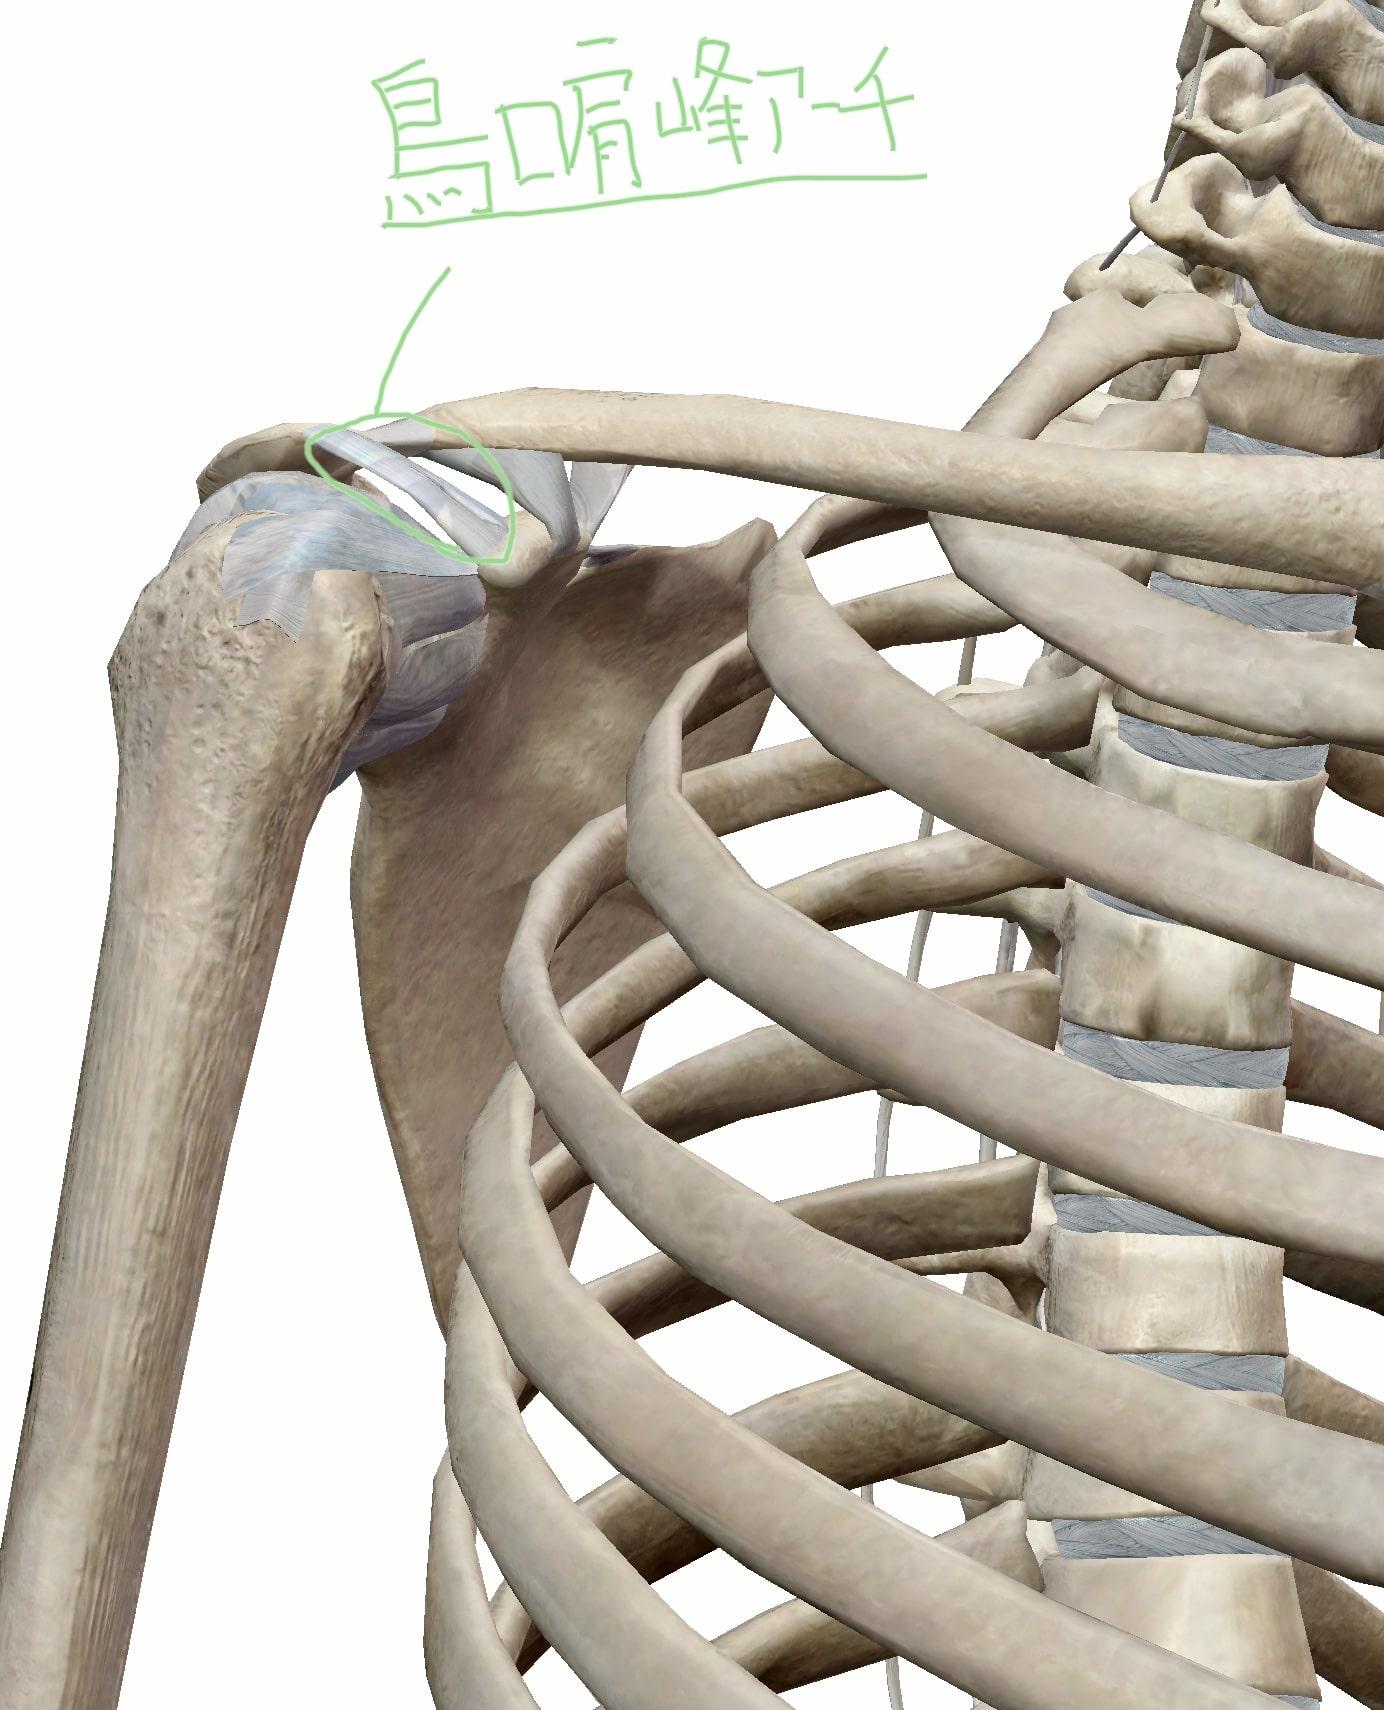 鎖骨と肩甲骨と烏口肩峰靭帯によって形成される烏口肩峰アーチの図